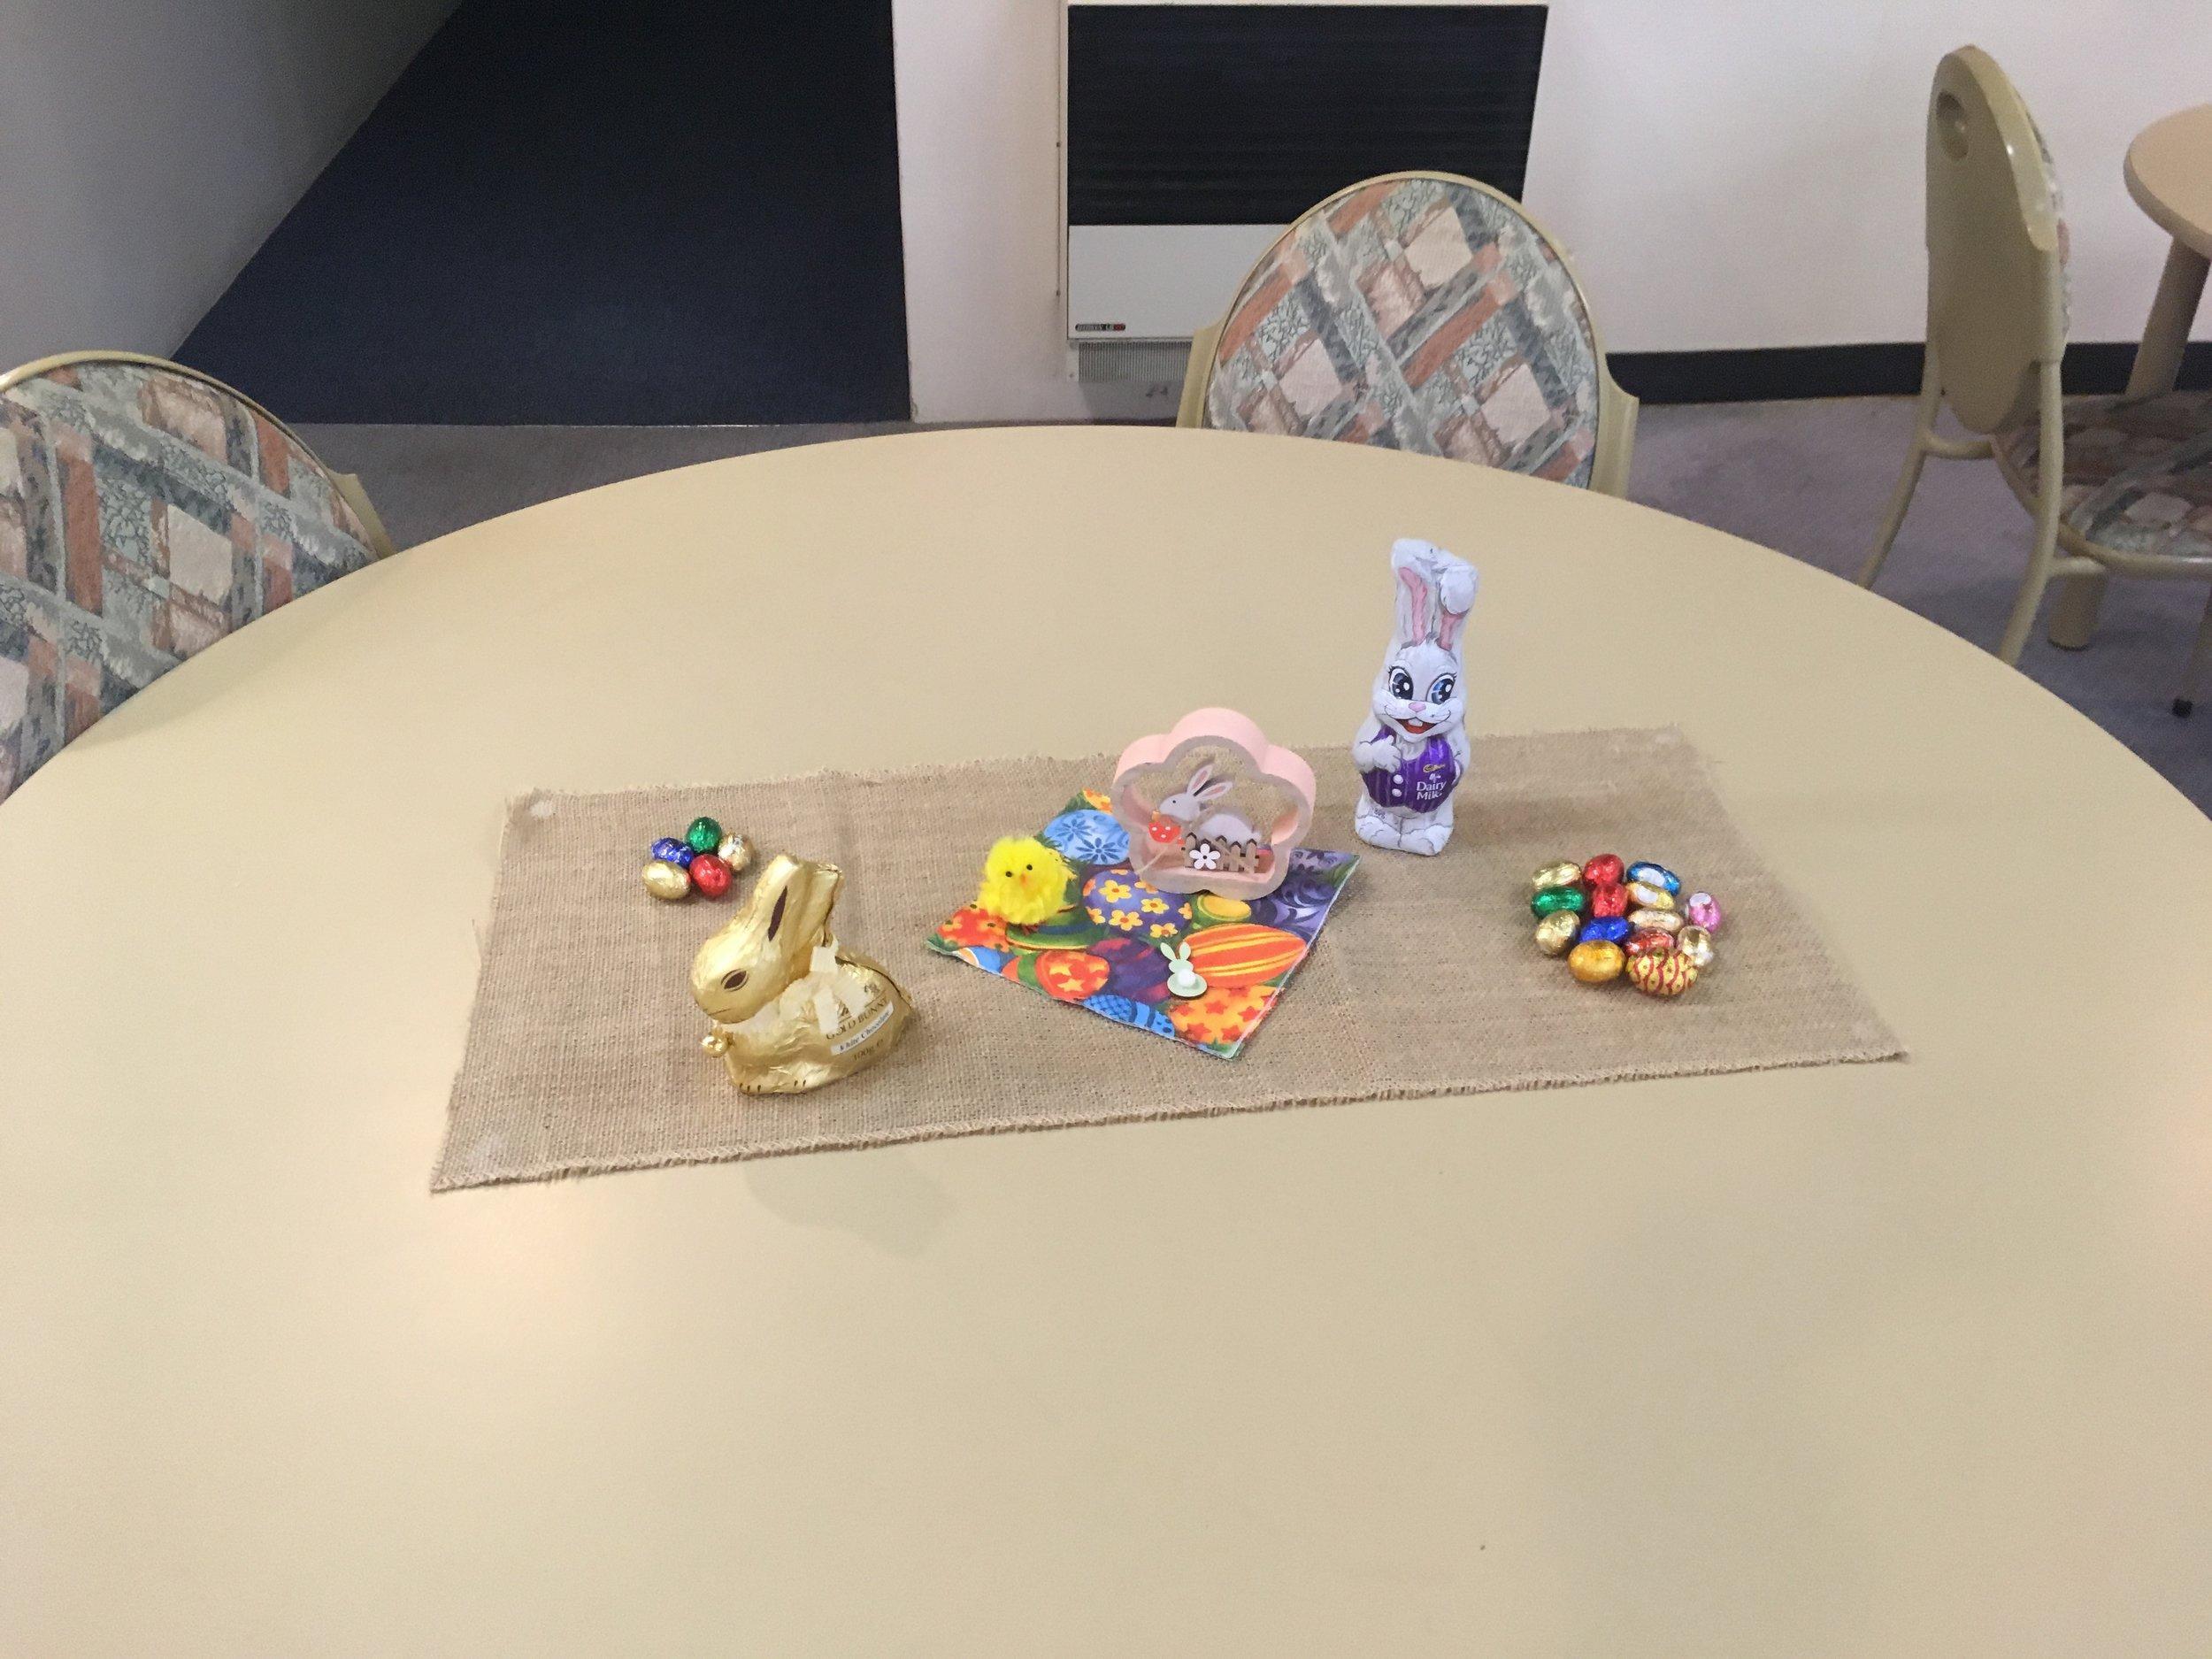 table decs2.jpg